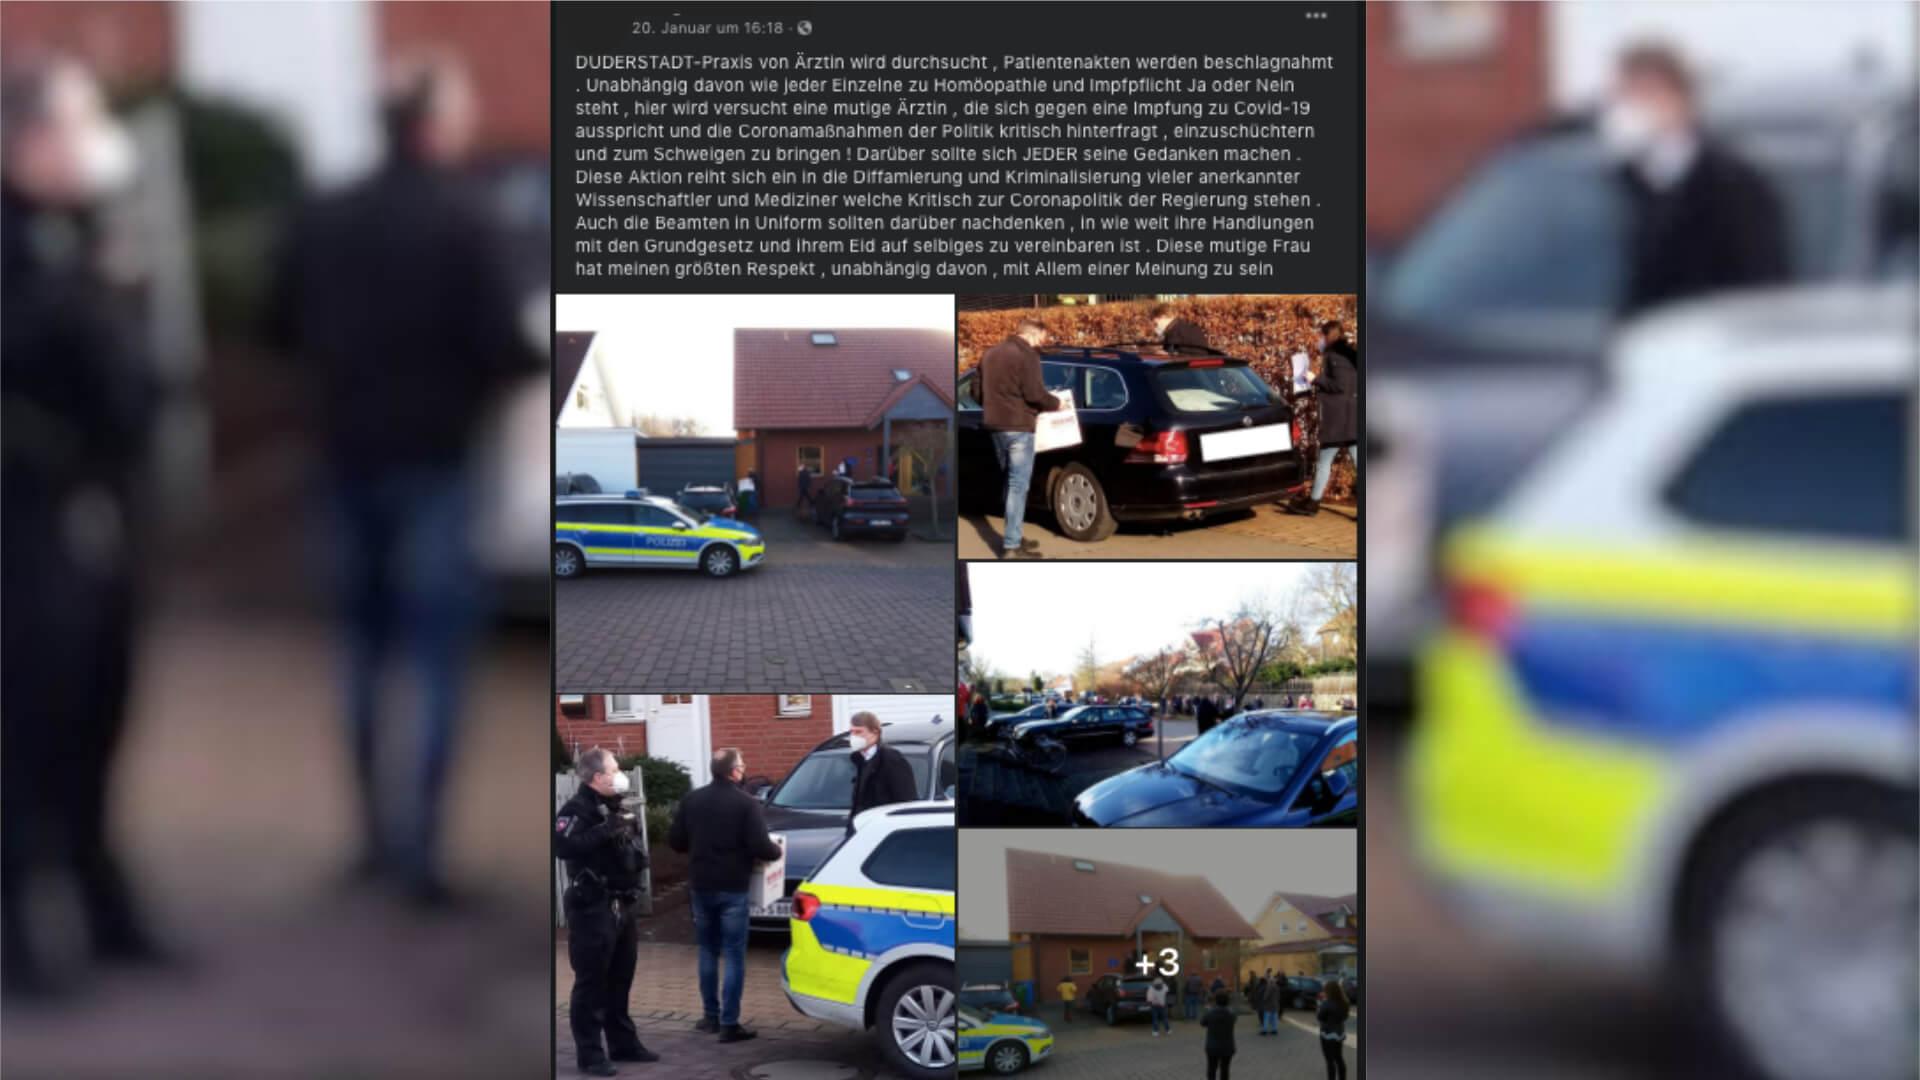 Polizeieinsatz bei Ärztin in Duderstadt: Diesem Beitrag fehlt relevanter Kontext